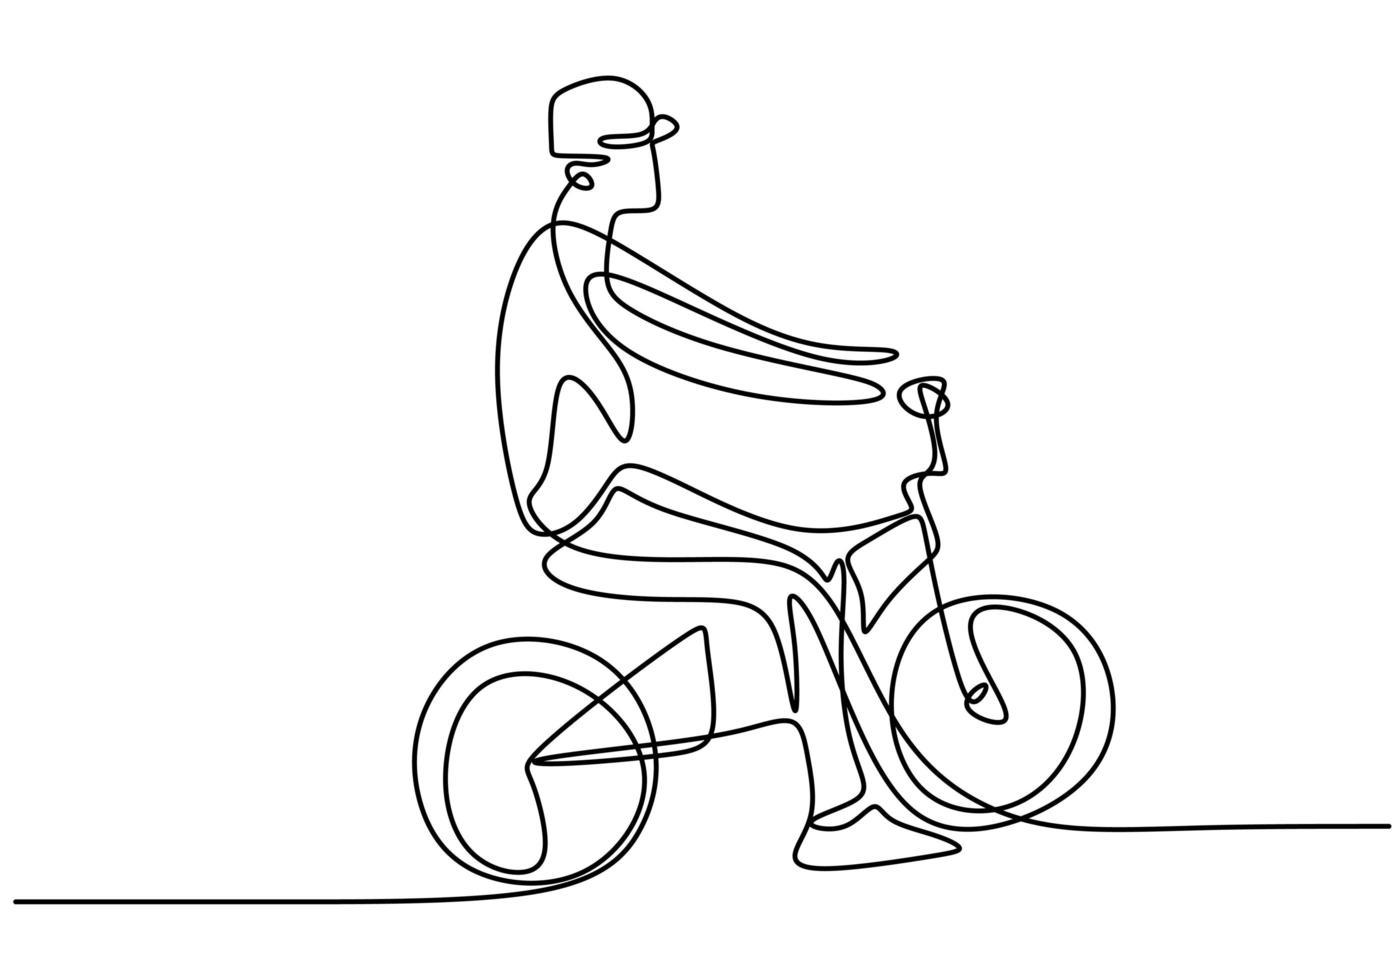 contínuo um desenho de linha homem de bicicleta. homem esporte fazendo exercício para ser saudável. vetor